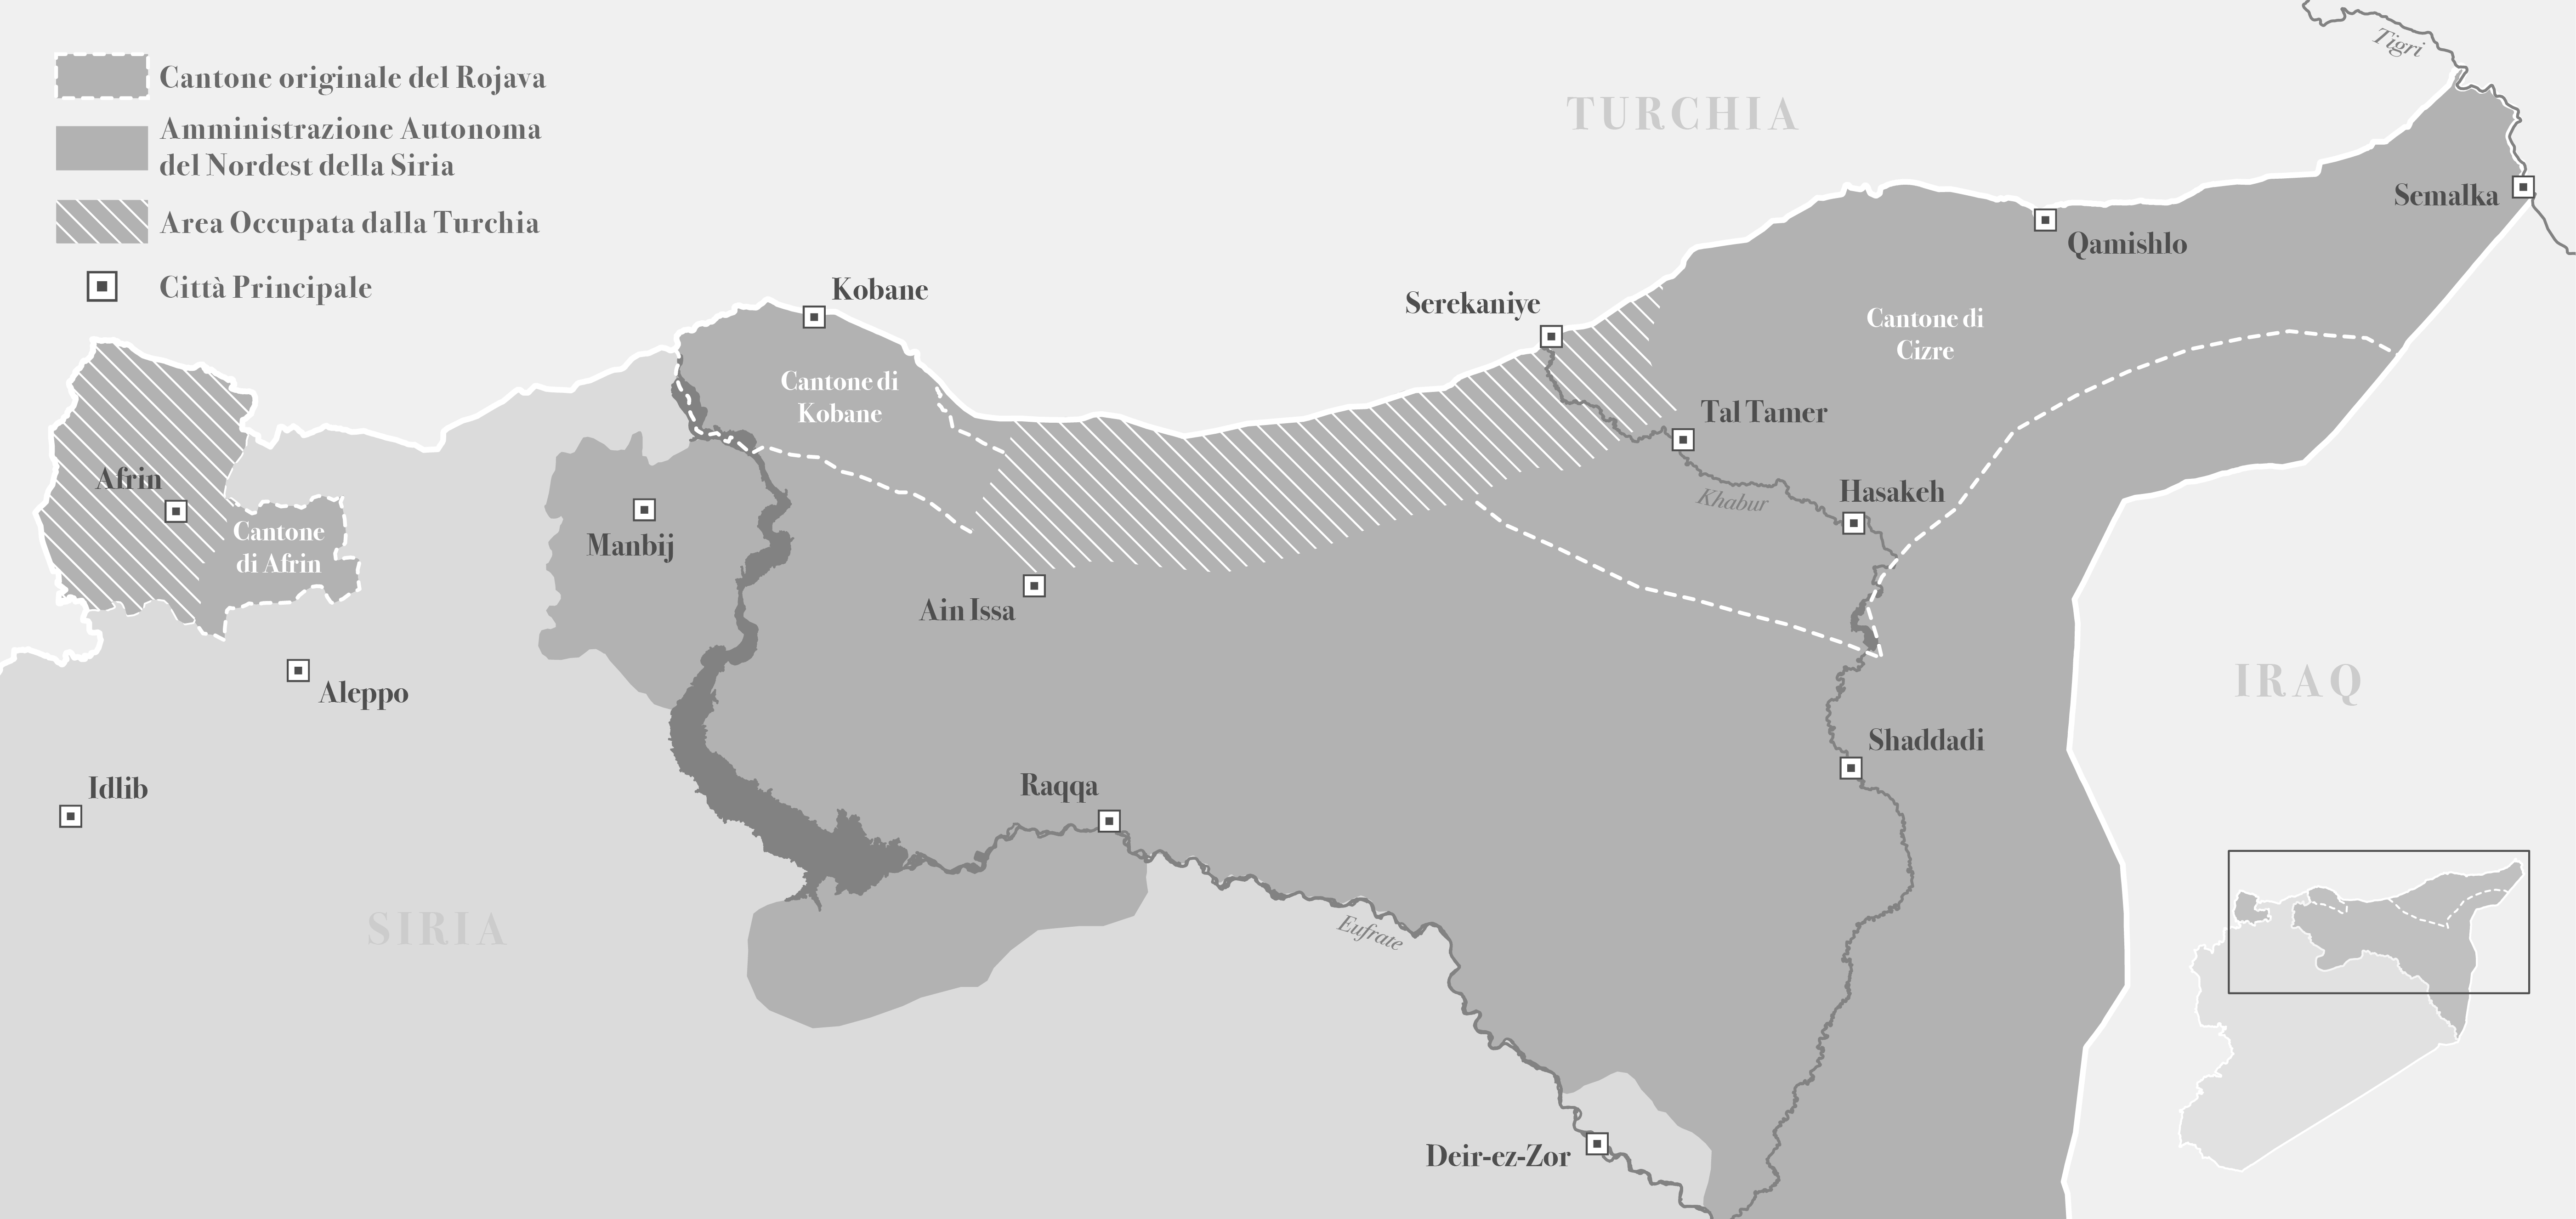 05 Rojava_All_03012021_ITA-01